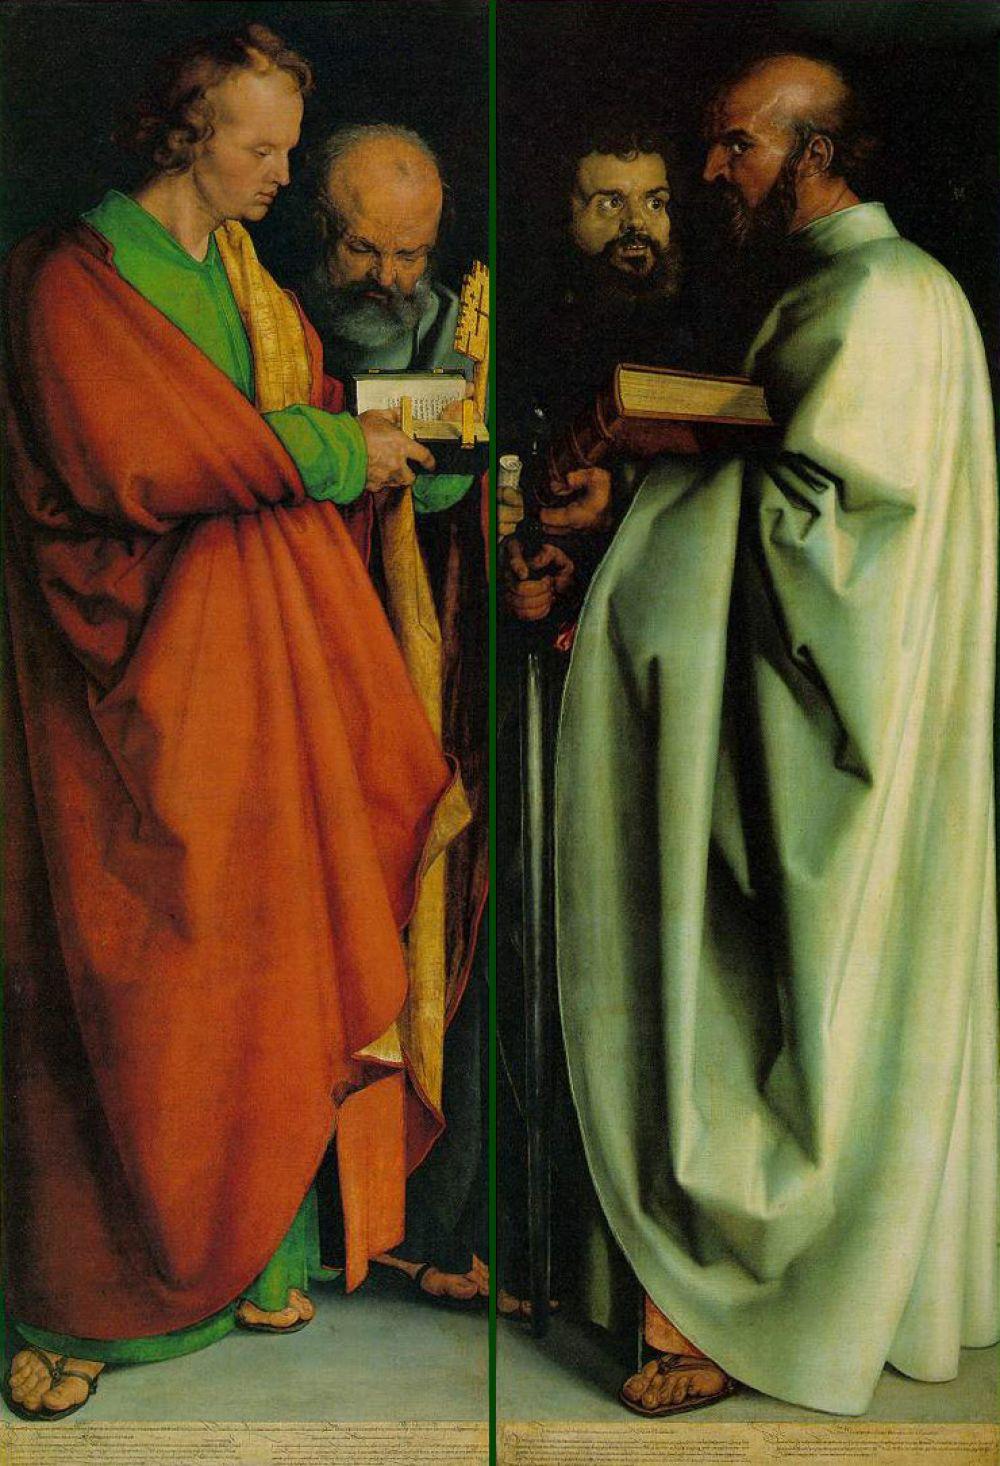 В 1520 году художник отправляется в Нидерланды. Здесь он знакомится с работами Яна ван Эйка, Мемлинга, Рогира ван дер Вейдера и претерпевает серьезное влияние голландской живописи, что отражается в более поздних его произведениях. Одна из важнейших картин последних лет – «Четыре апостола» (1926), в которой художник воплотил четыре темперамента людей, связанных общим гуманистическим идеалом.